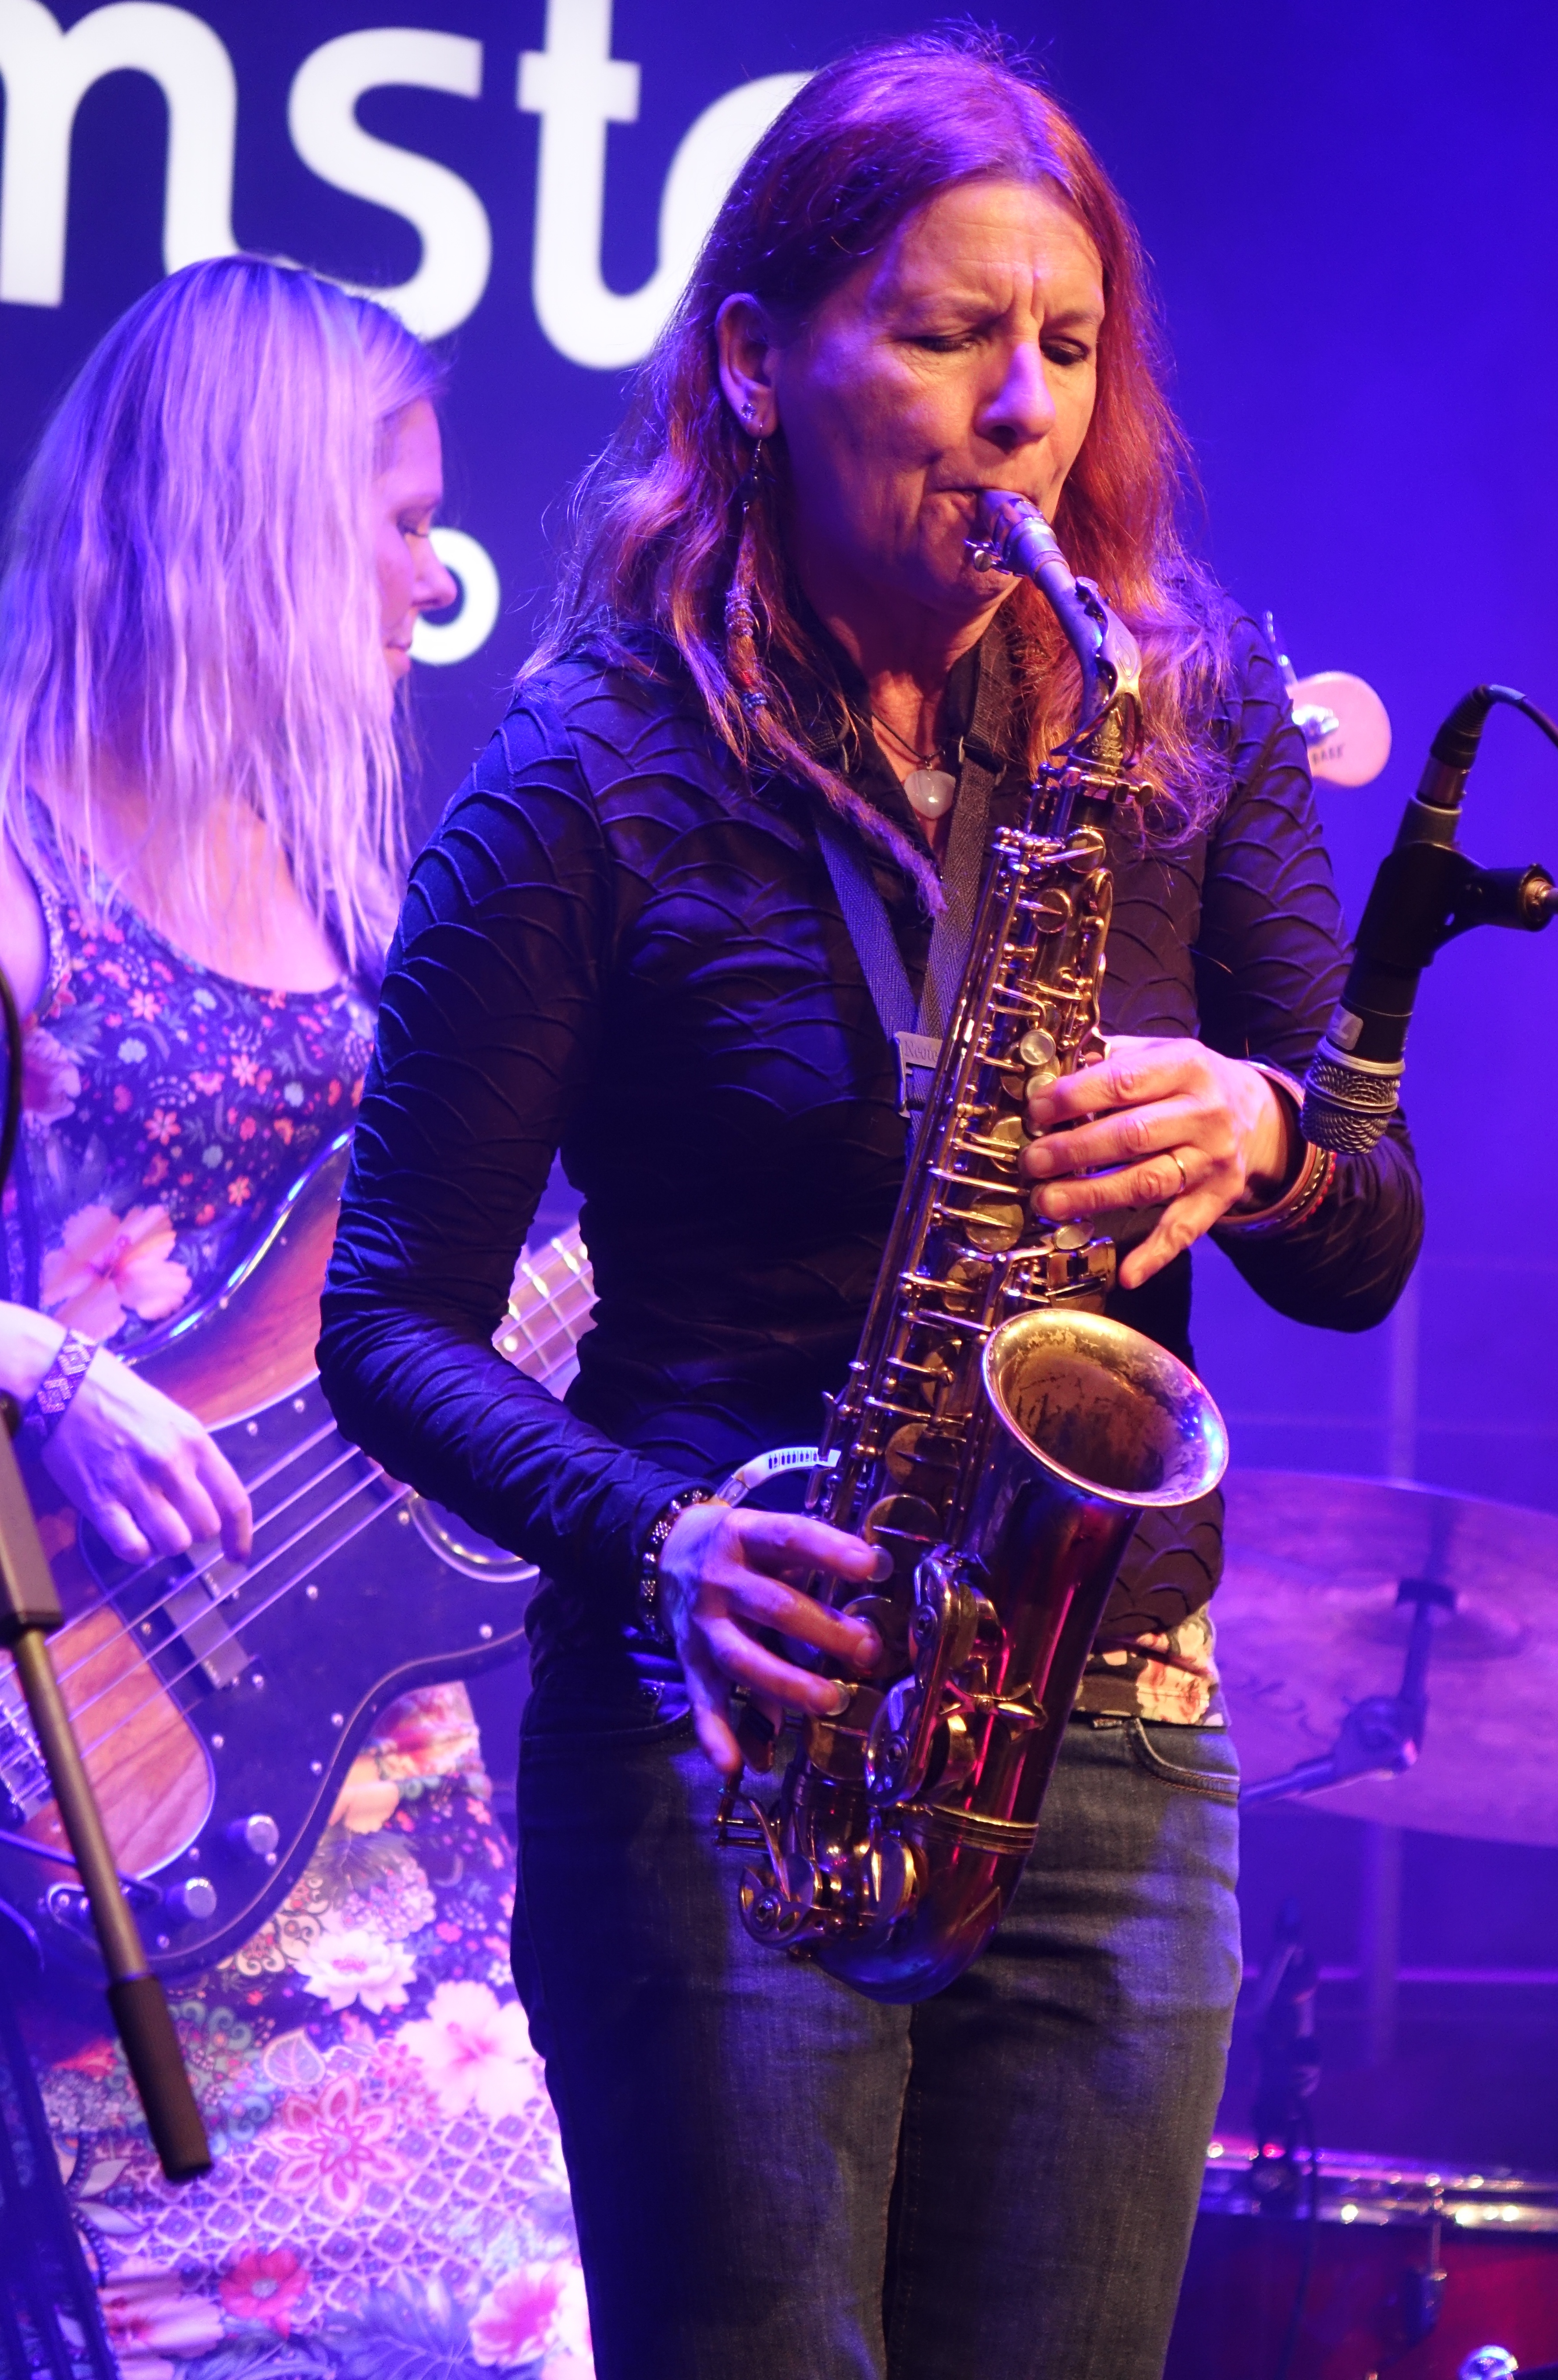 Biggi Vinkeloe at Vilnius Mama Jazz Festival in November 2017